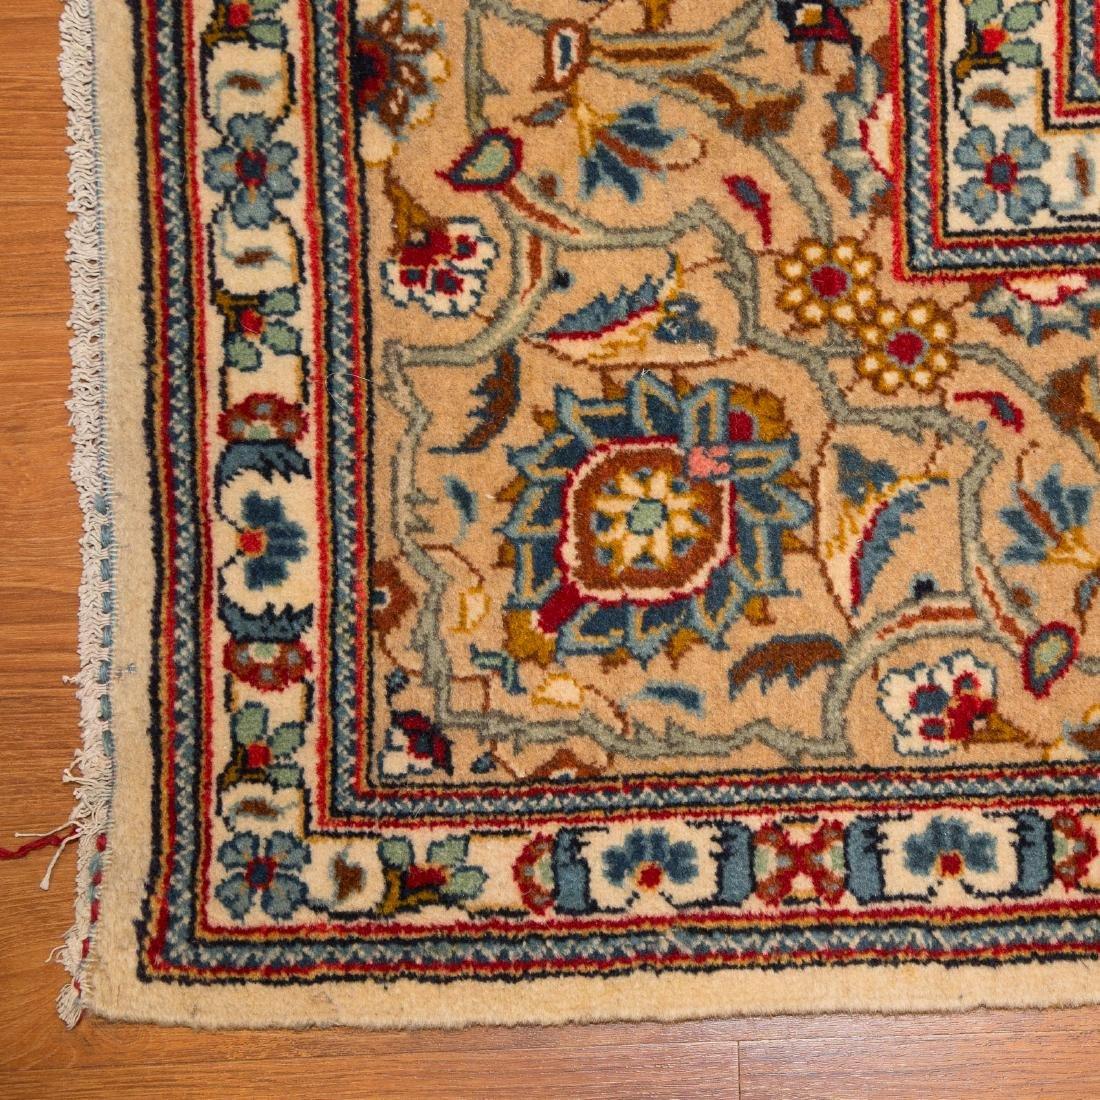 Persian Keshan rug, approx. 6.5 x 10.3 - 2